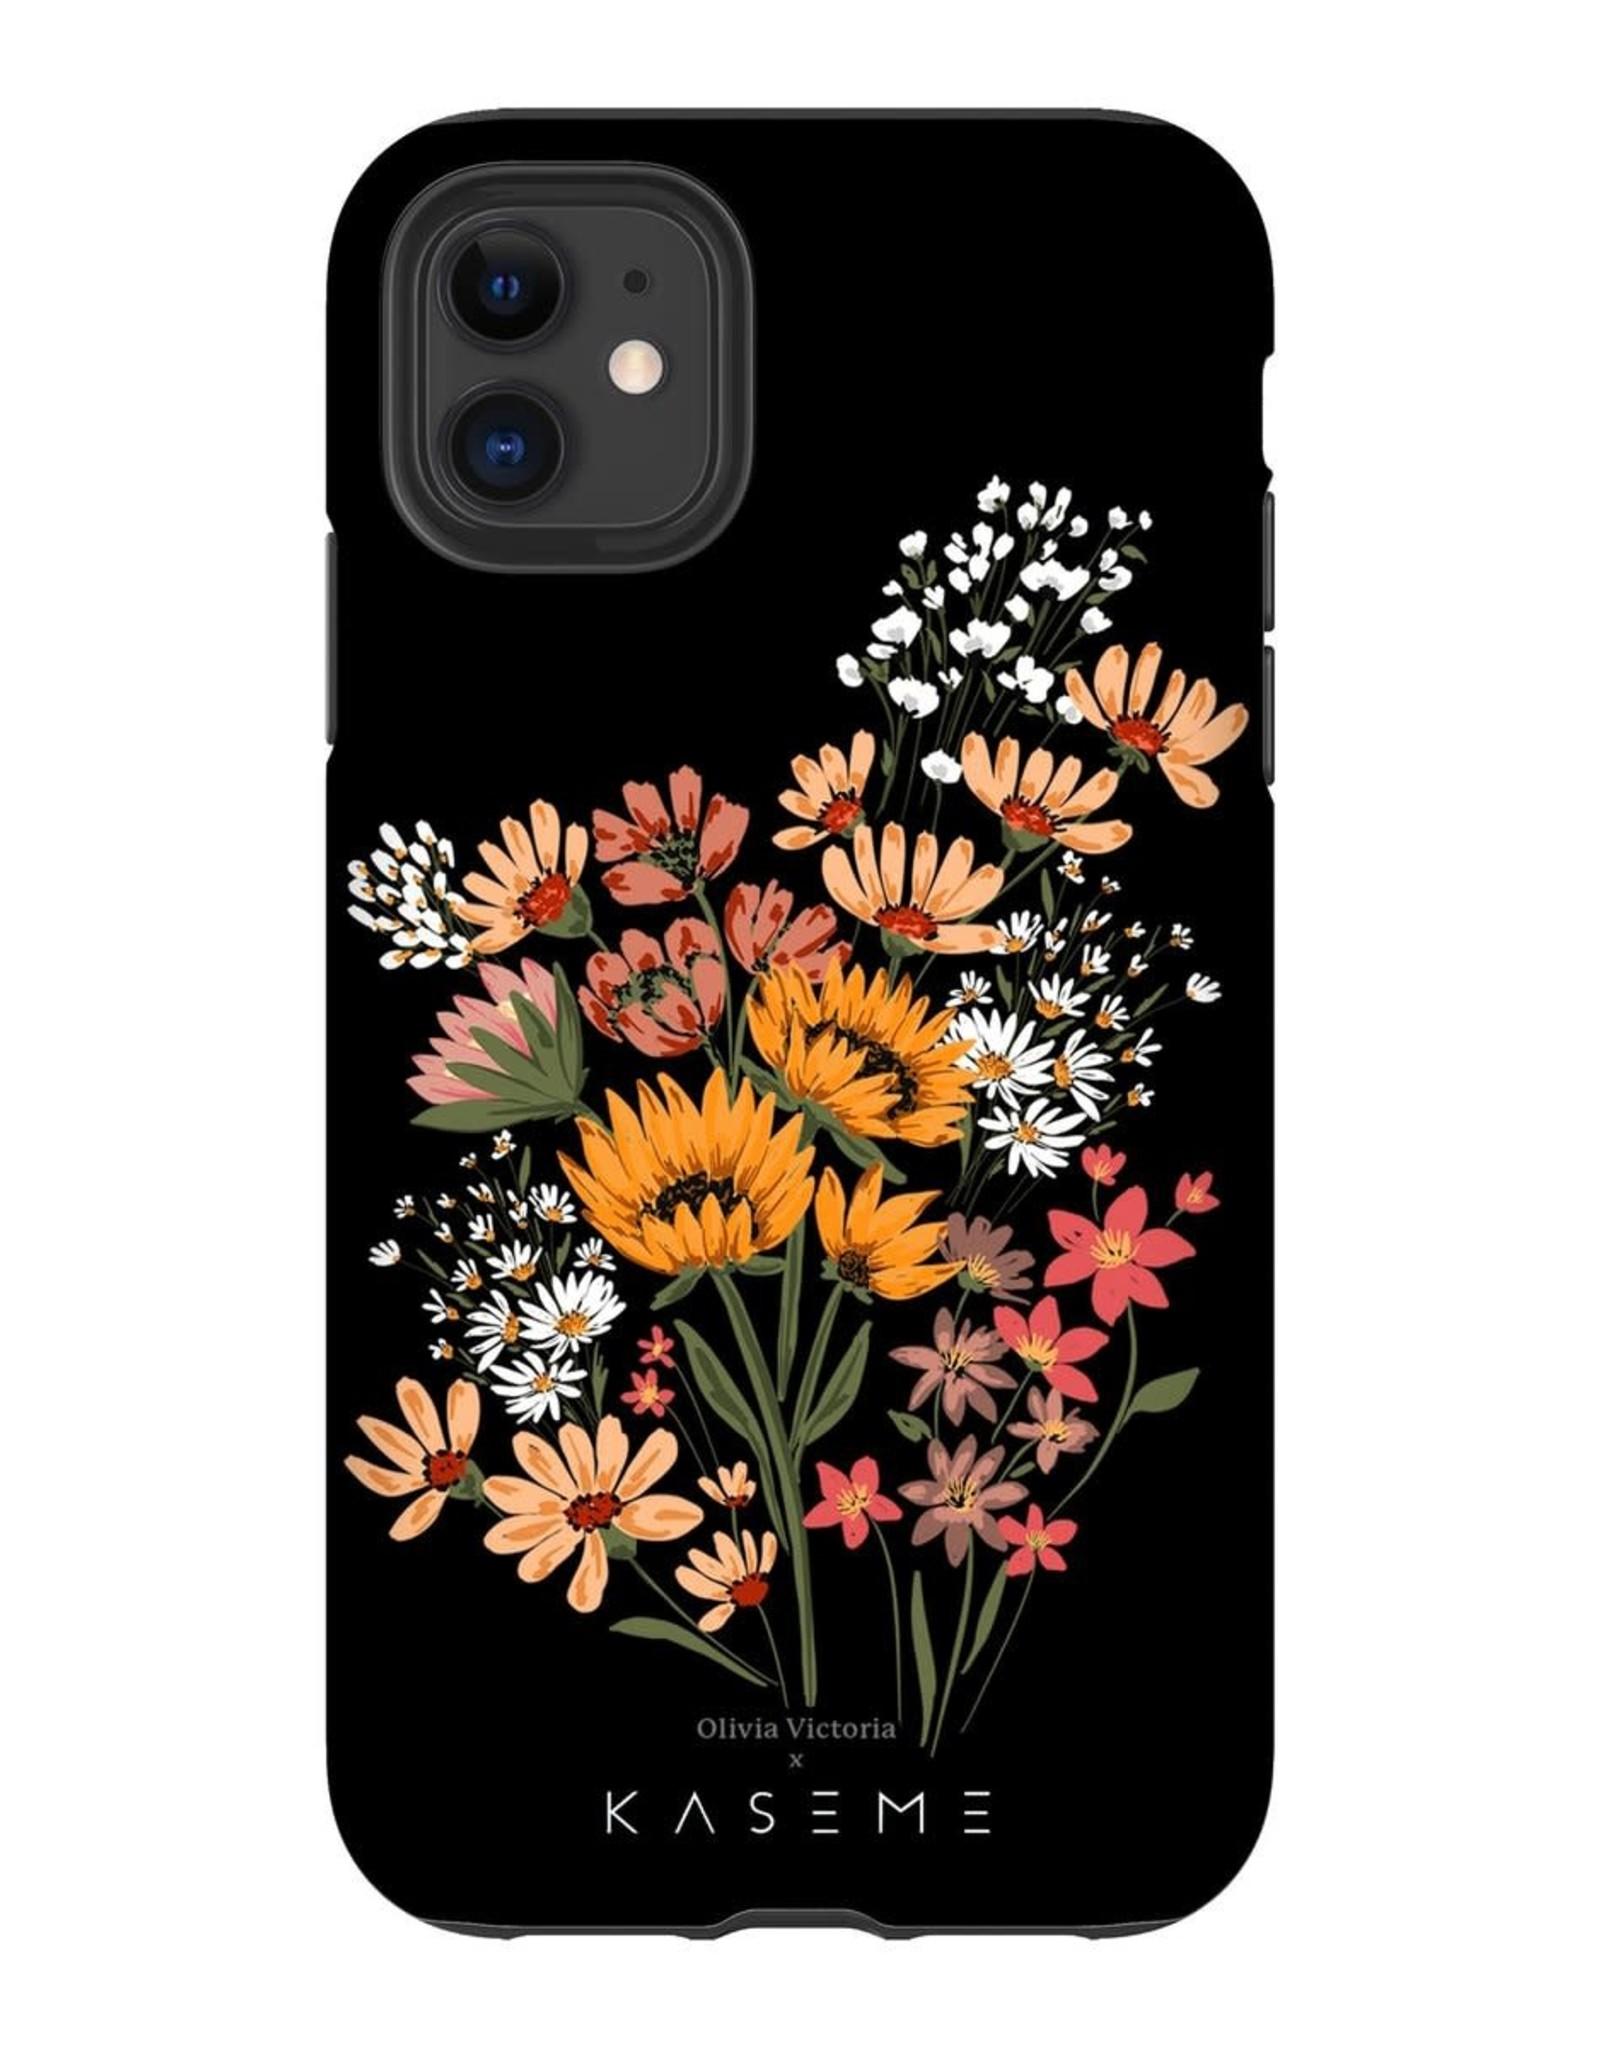 Kaseme Kaseme - Étui celullaire floral romance by olivia victoria